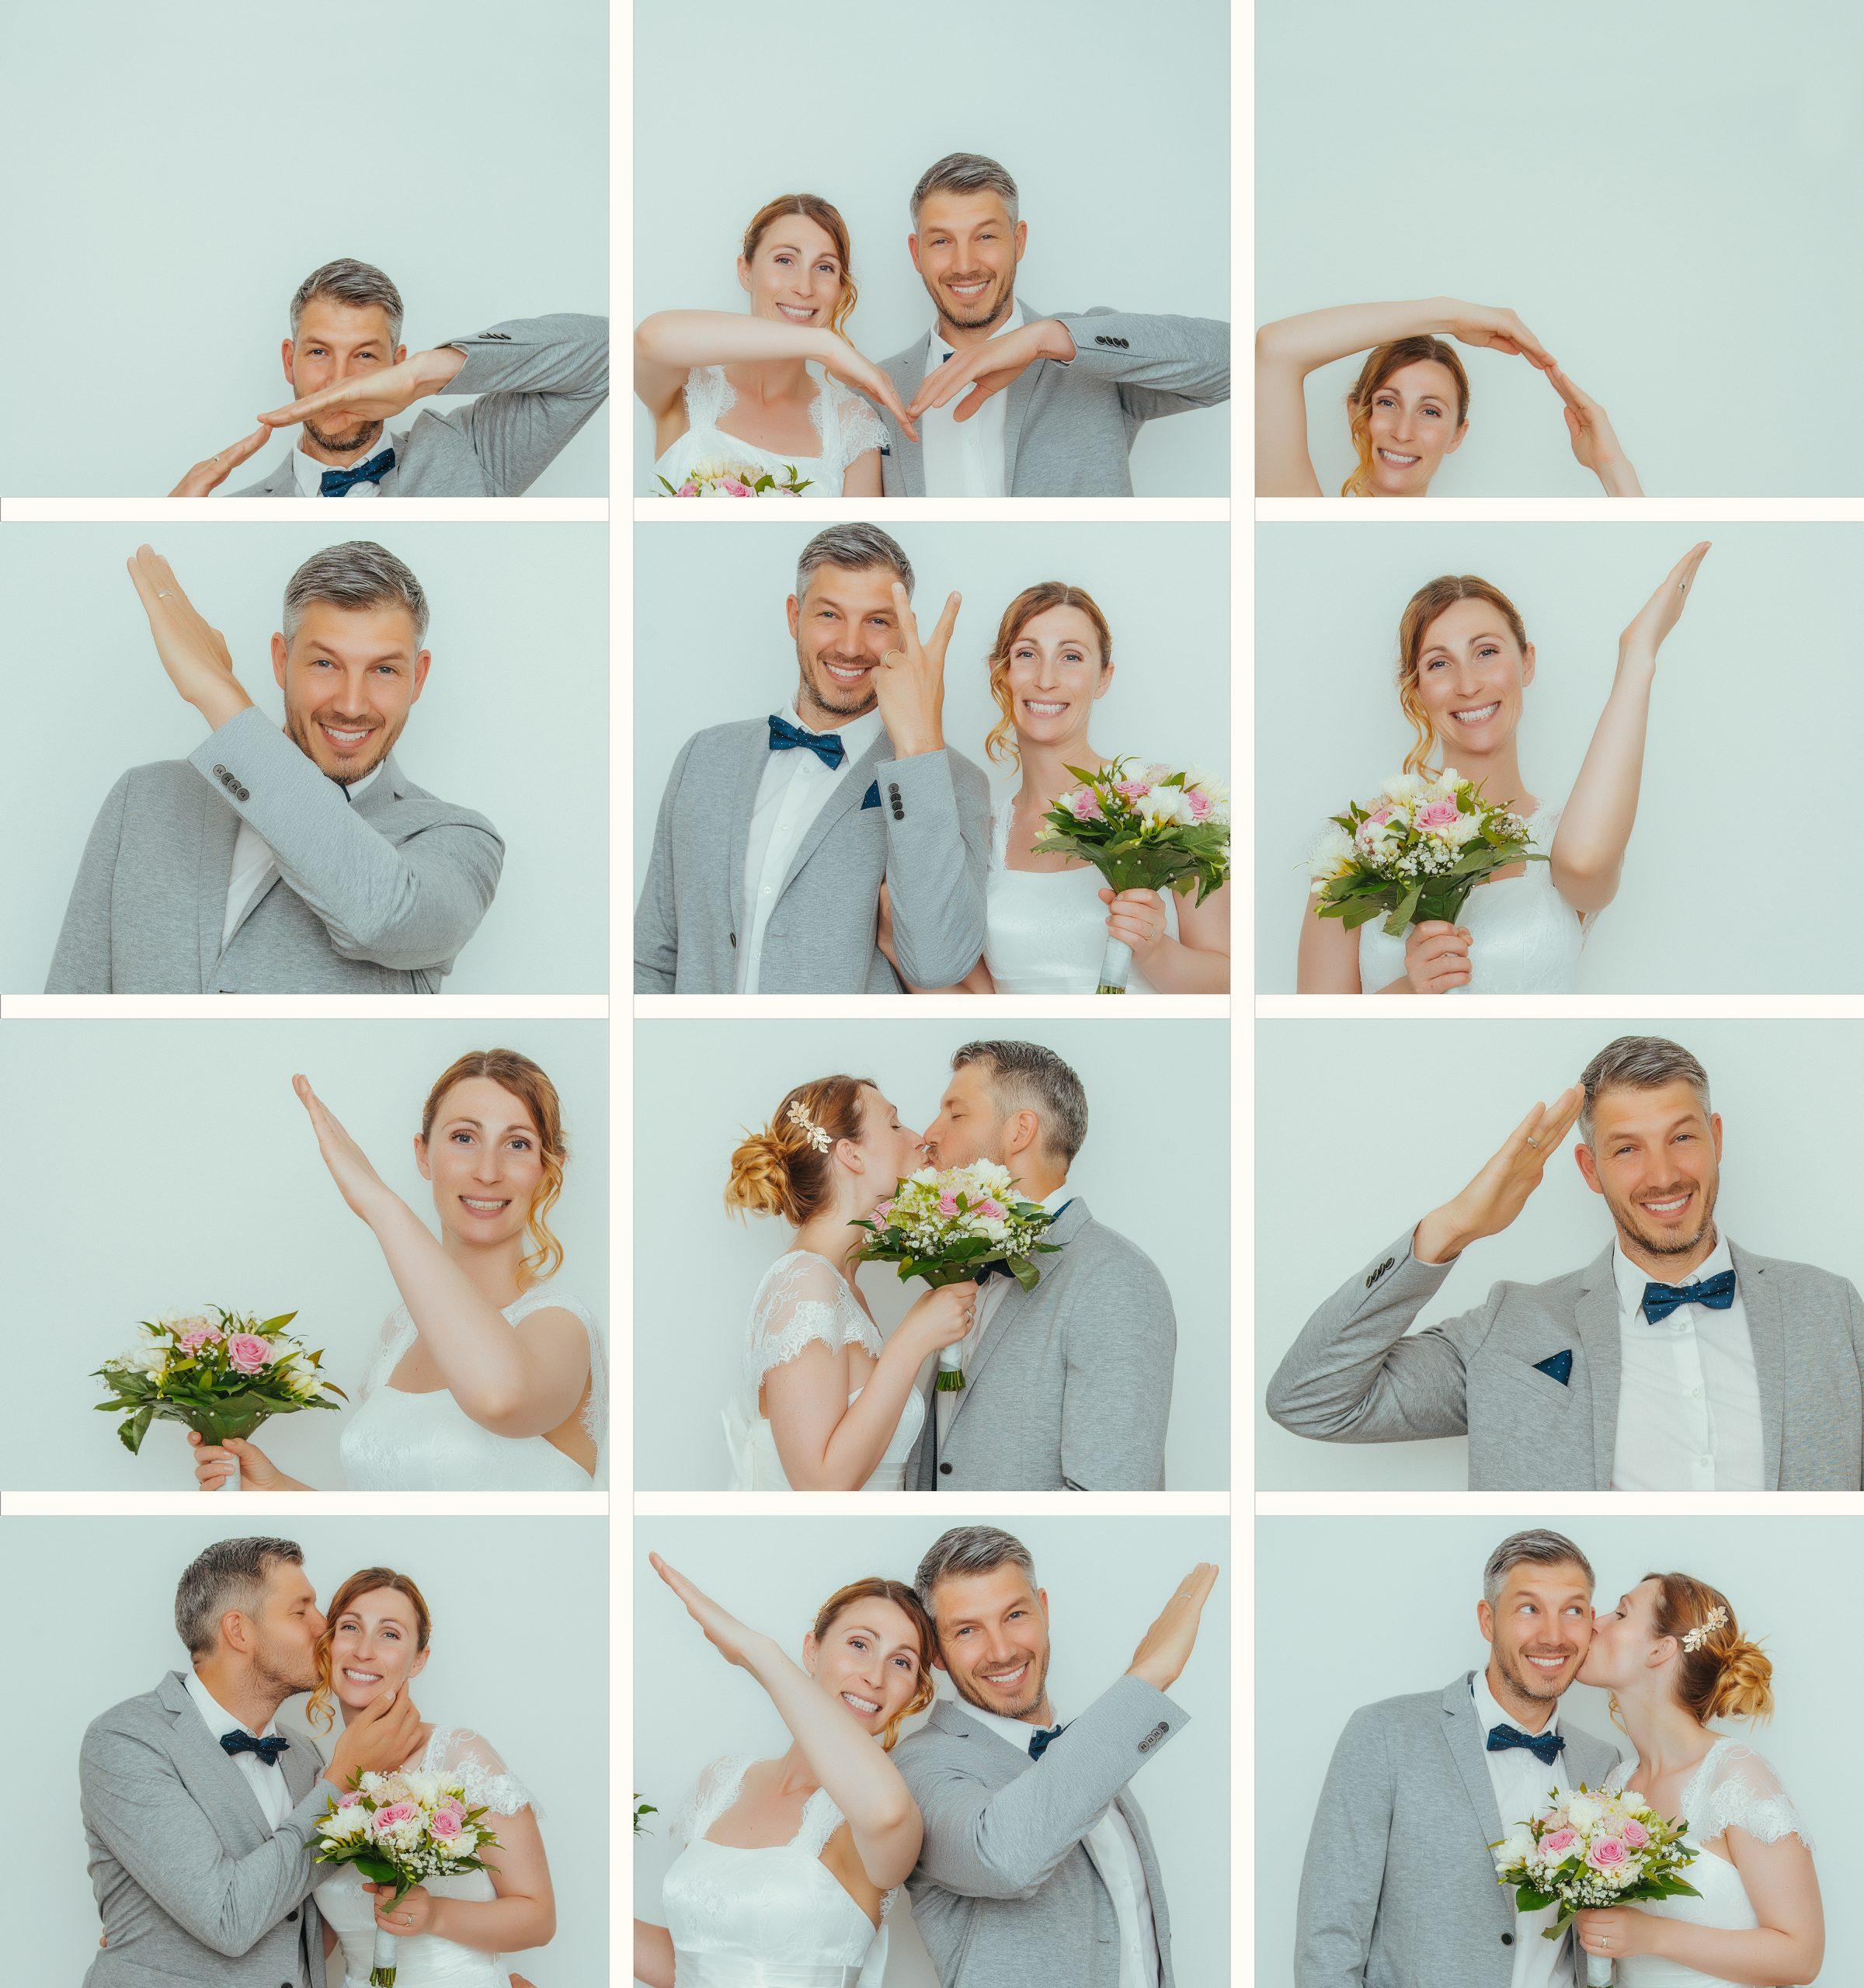 bride and groom in wedding attire dancing